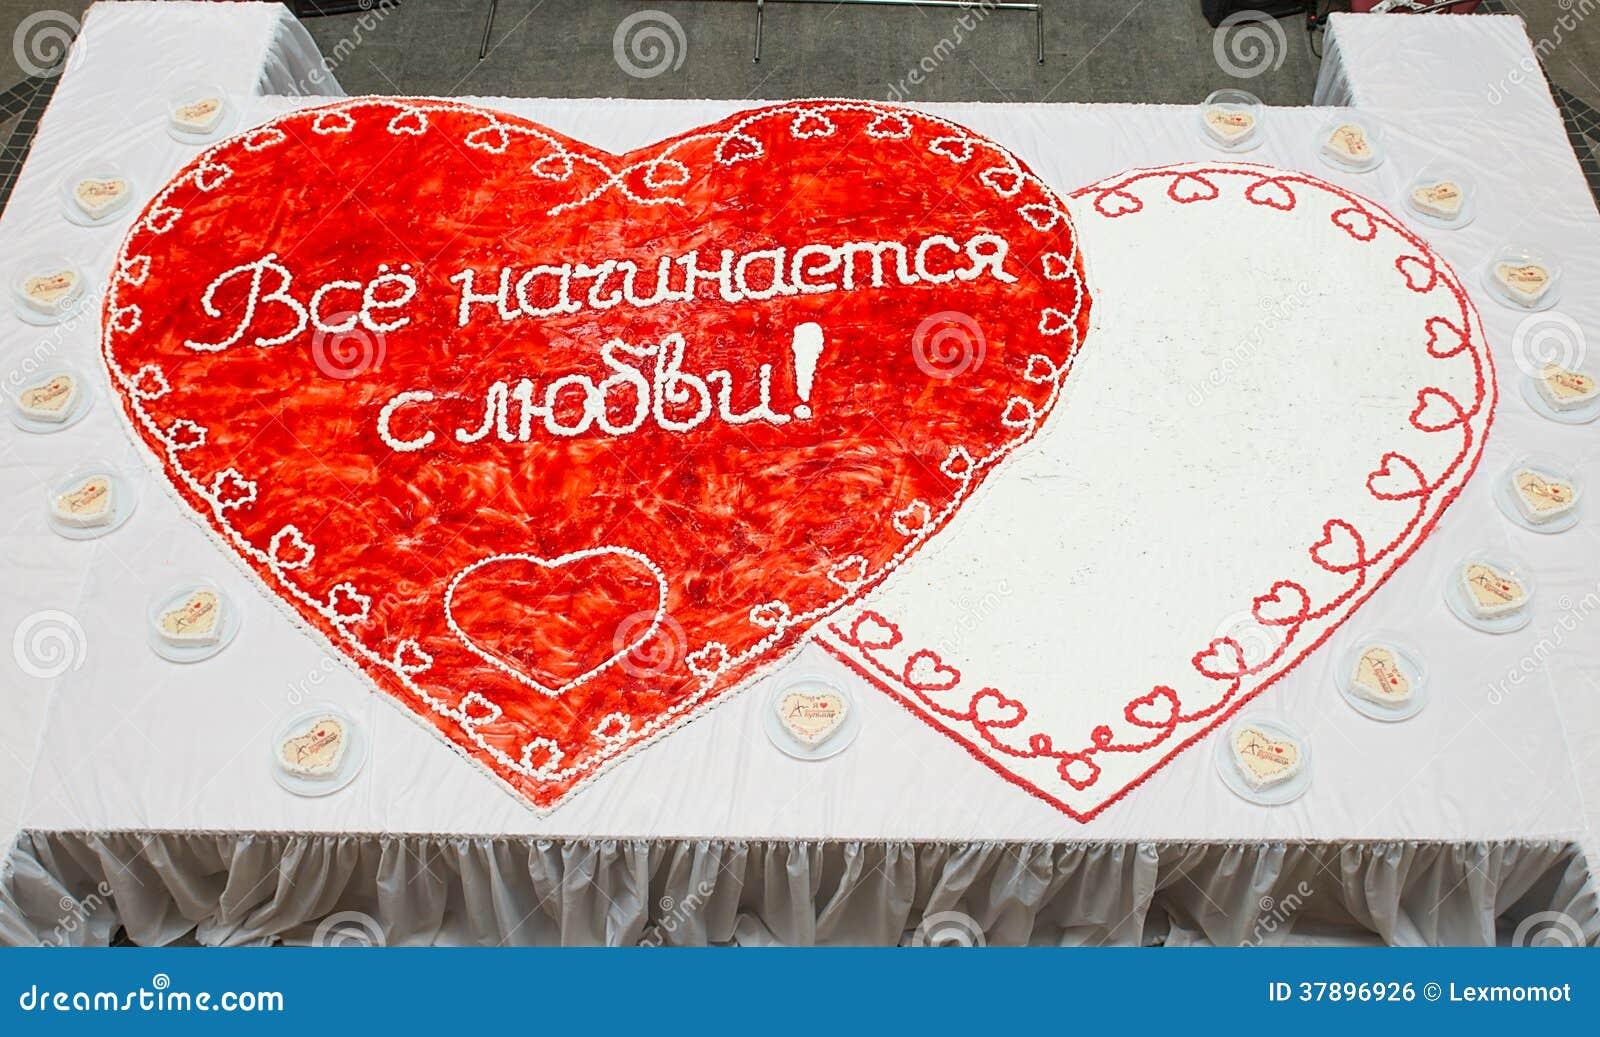 Herz Formige Hochzeitstorte Mit Erdbeeren Stockfoto Bild Von Liebe